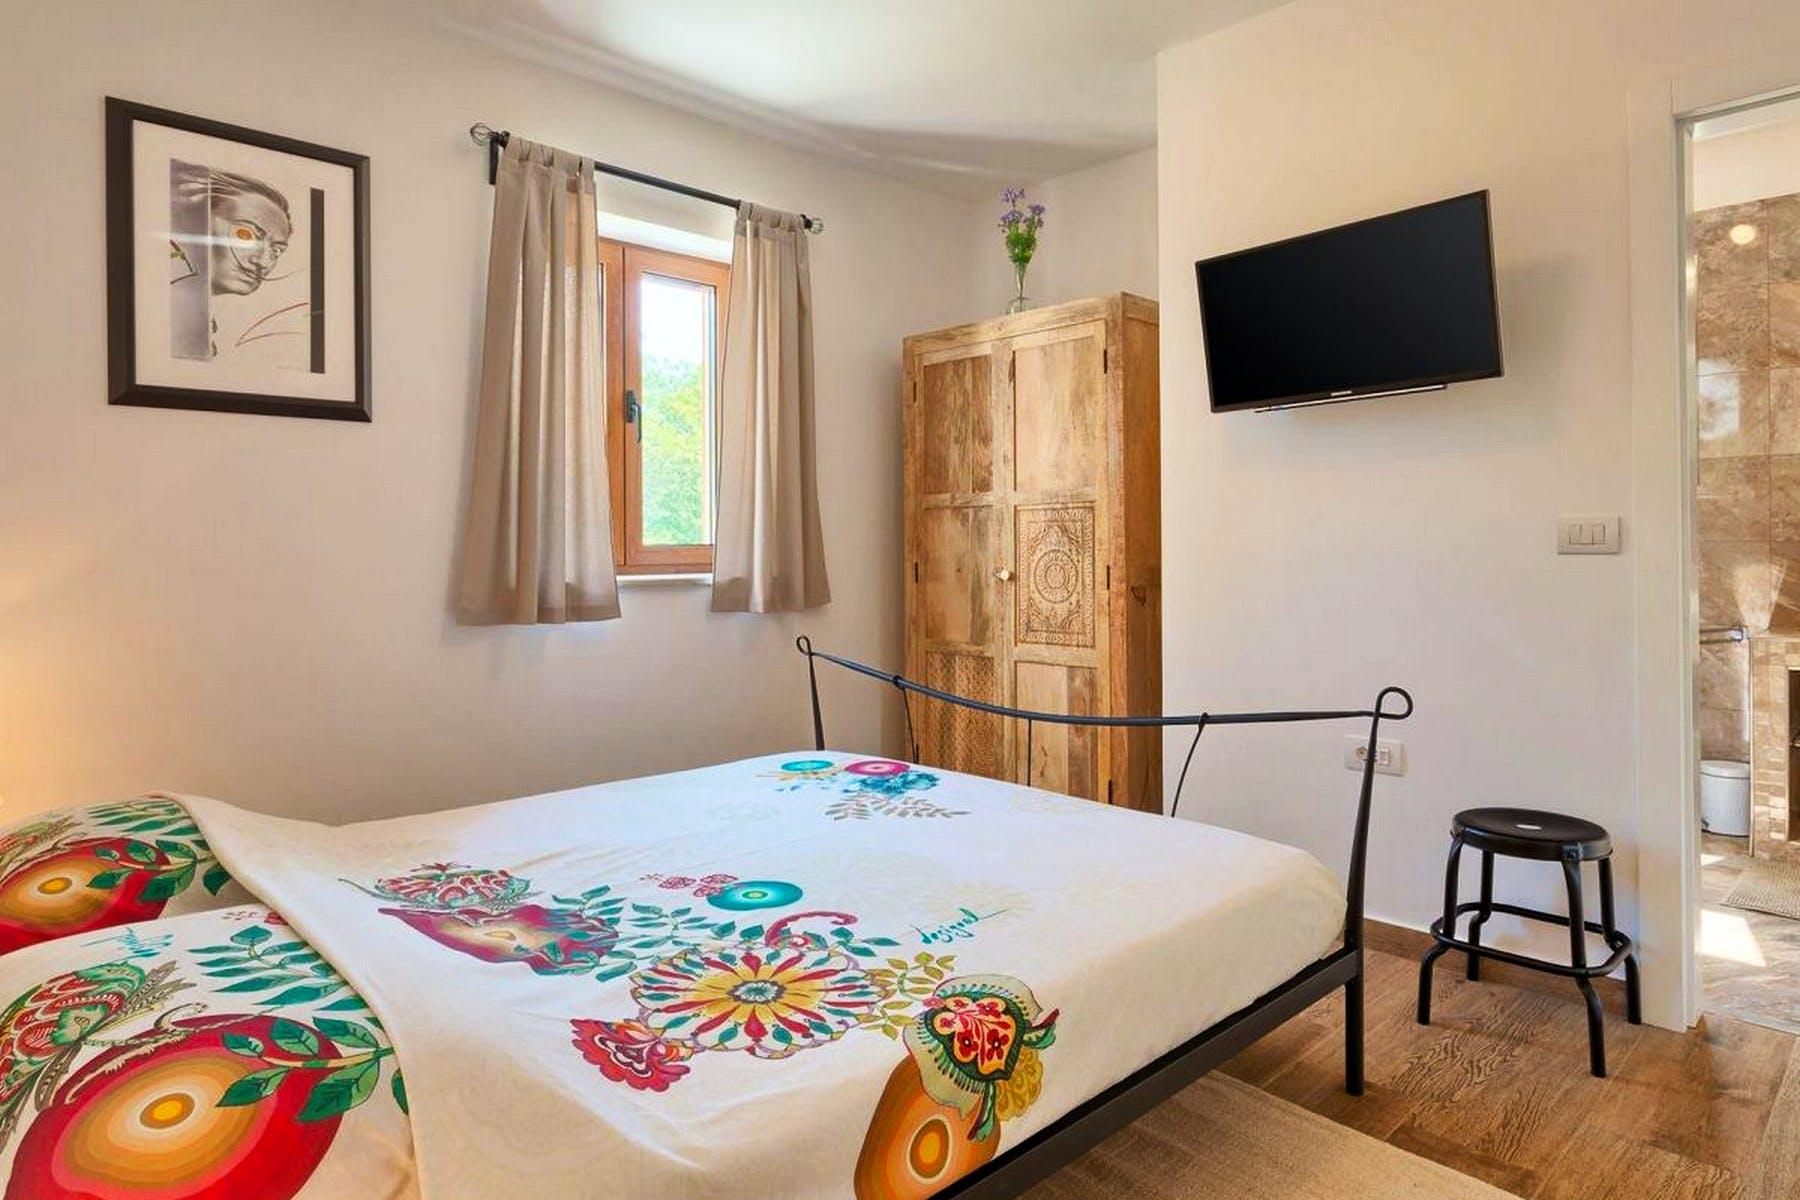 En-suite bedroom with double bed